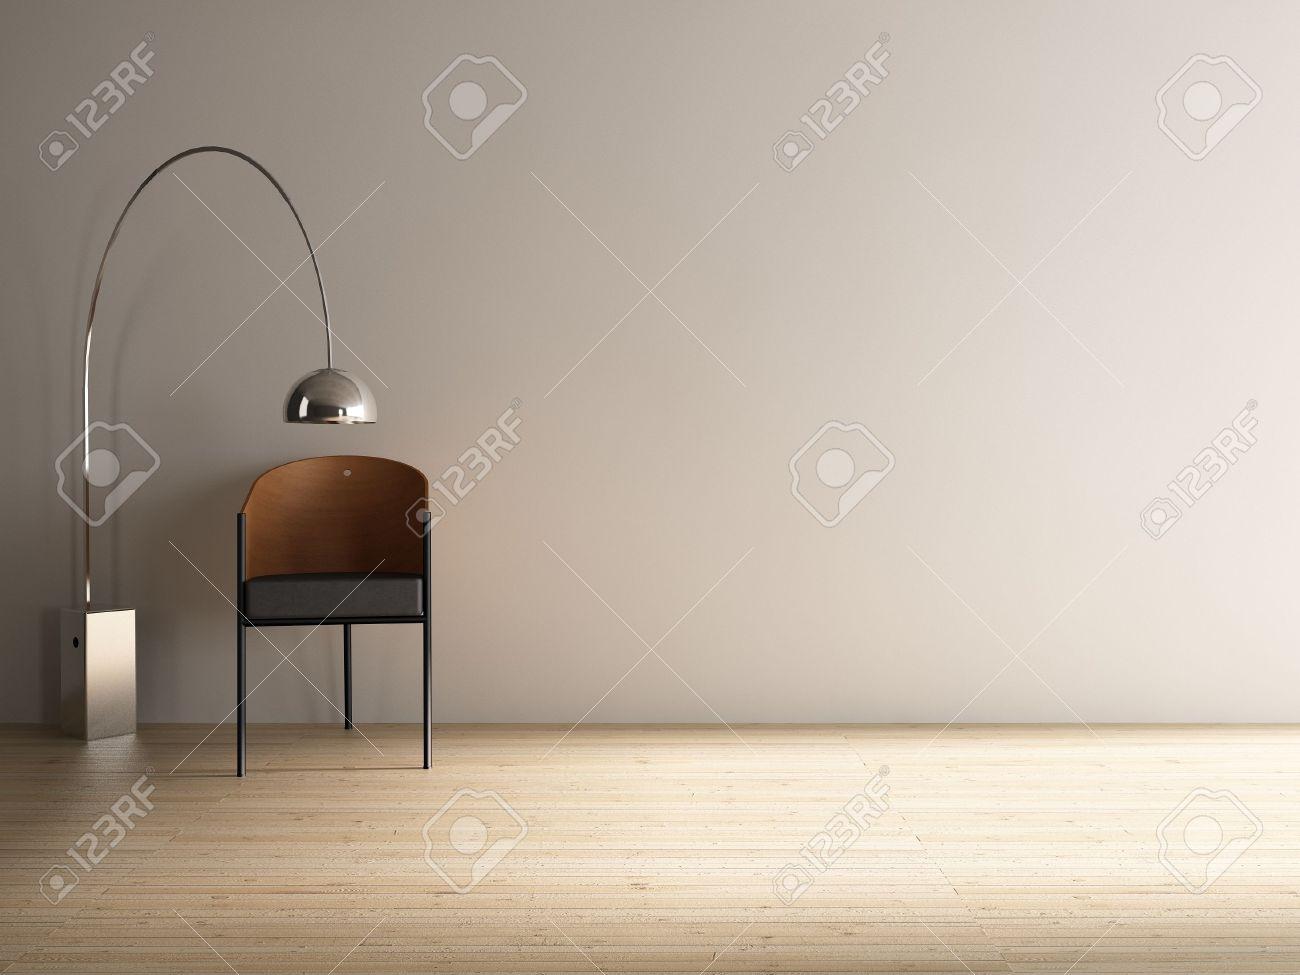 Full Size of Stuhl Mit Stehlampe Zu Angesicht Eine Leere Weie Wand Wohnzimmer Esstische Küche Holz Esstisch Schlafzimmer Bett Tapete Stehlampen Wohnzimmer Stehlampe Modern